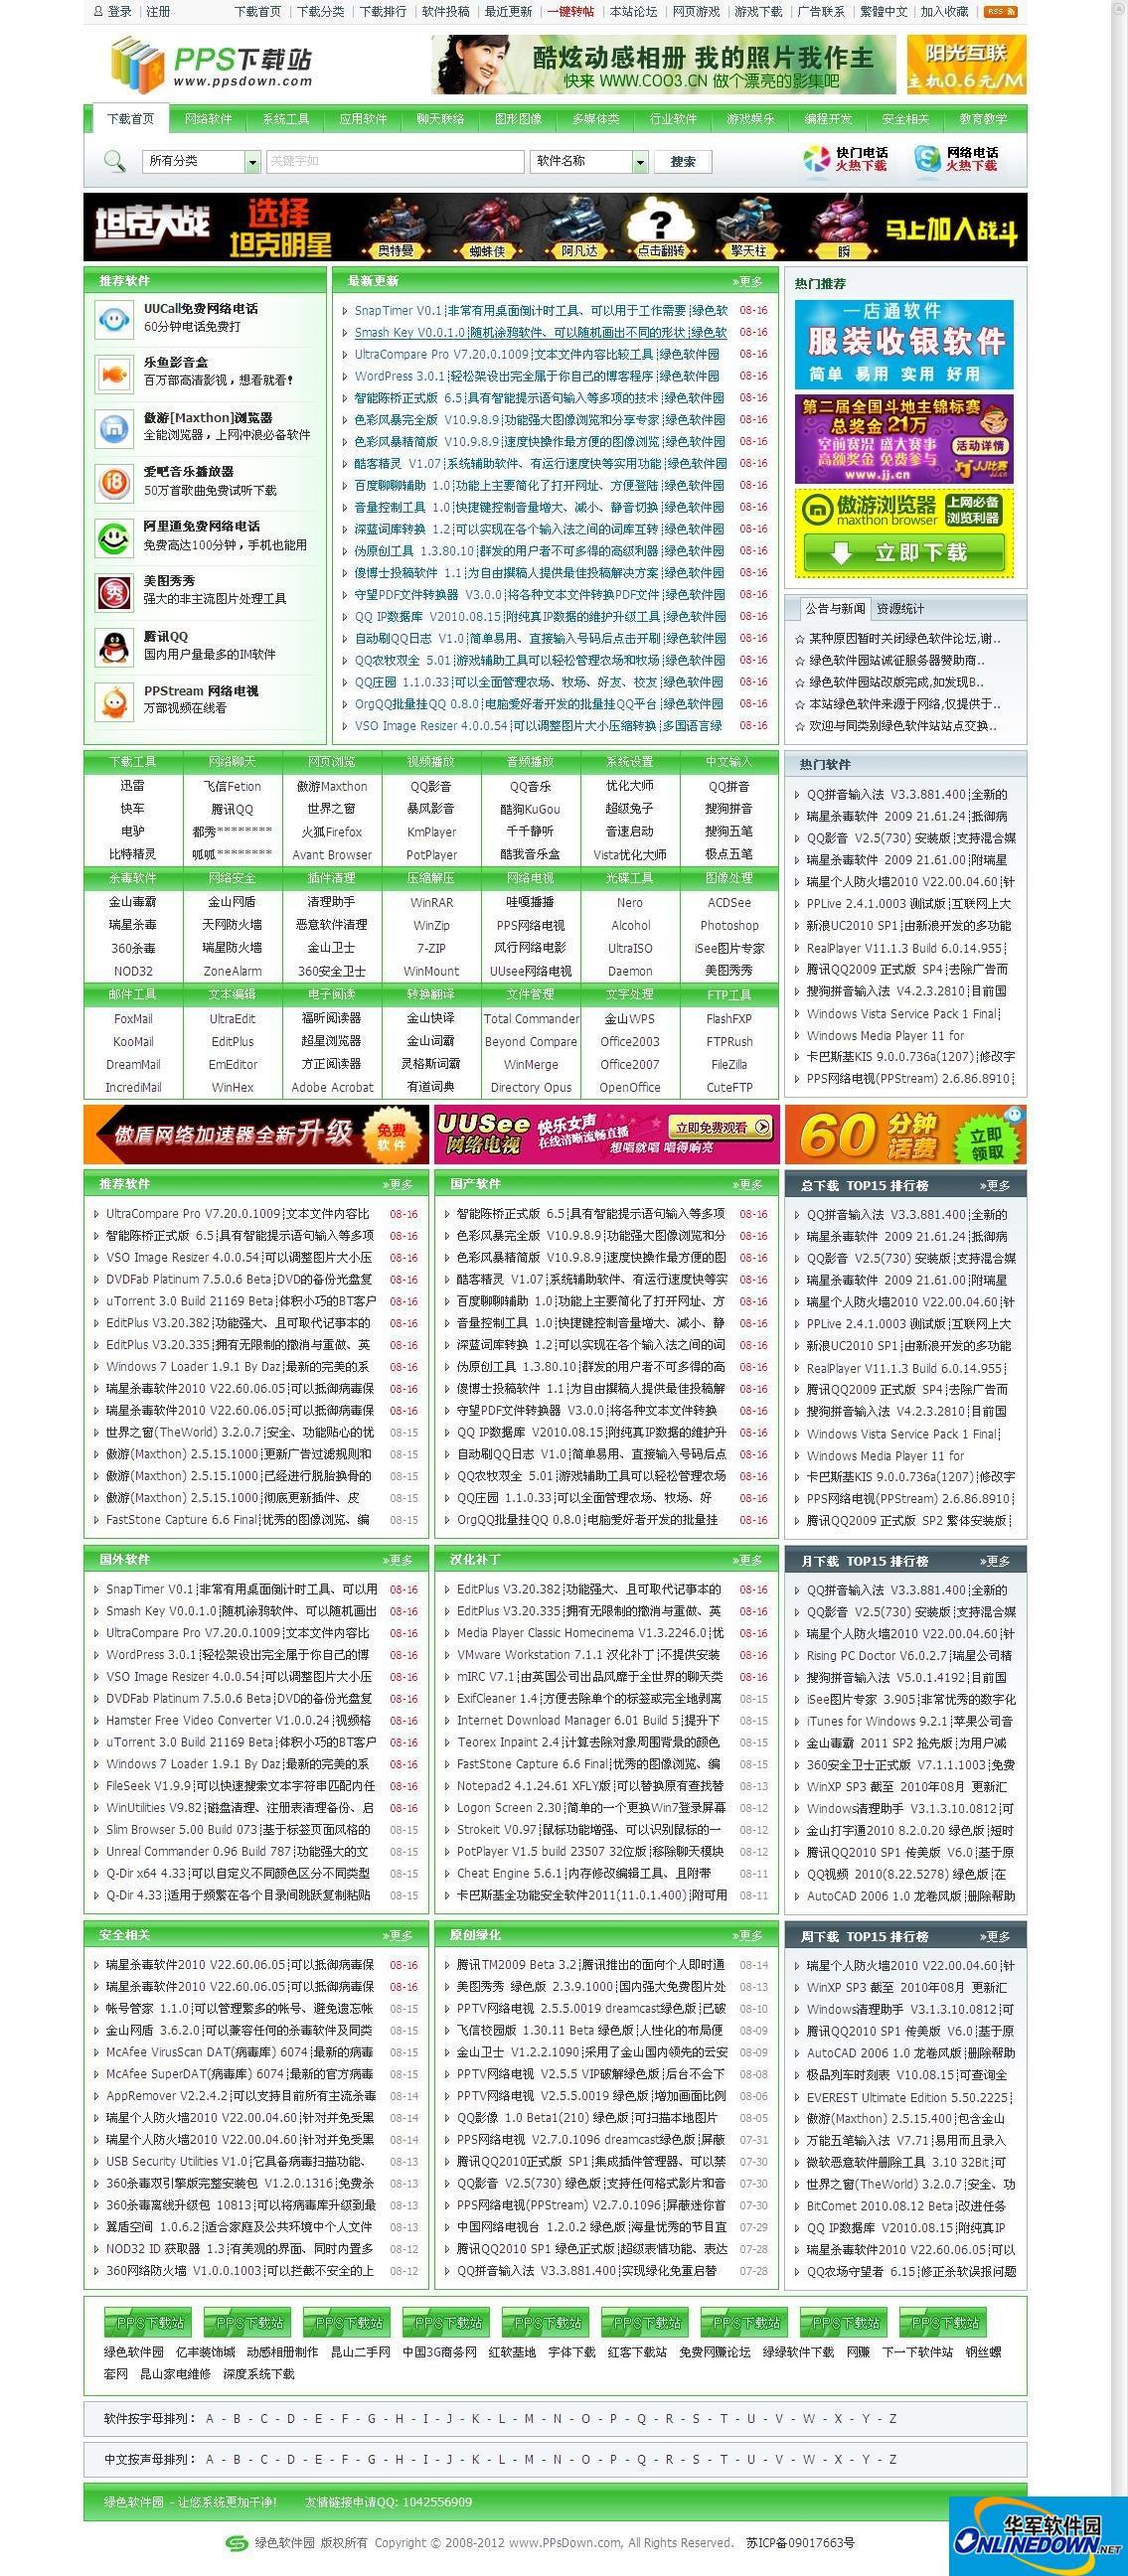 绿色软件下载站 (全站采集 生成静态 后台版) PC版